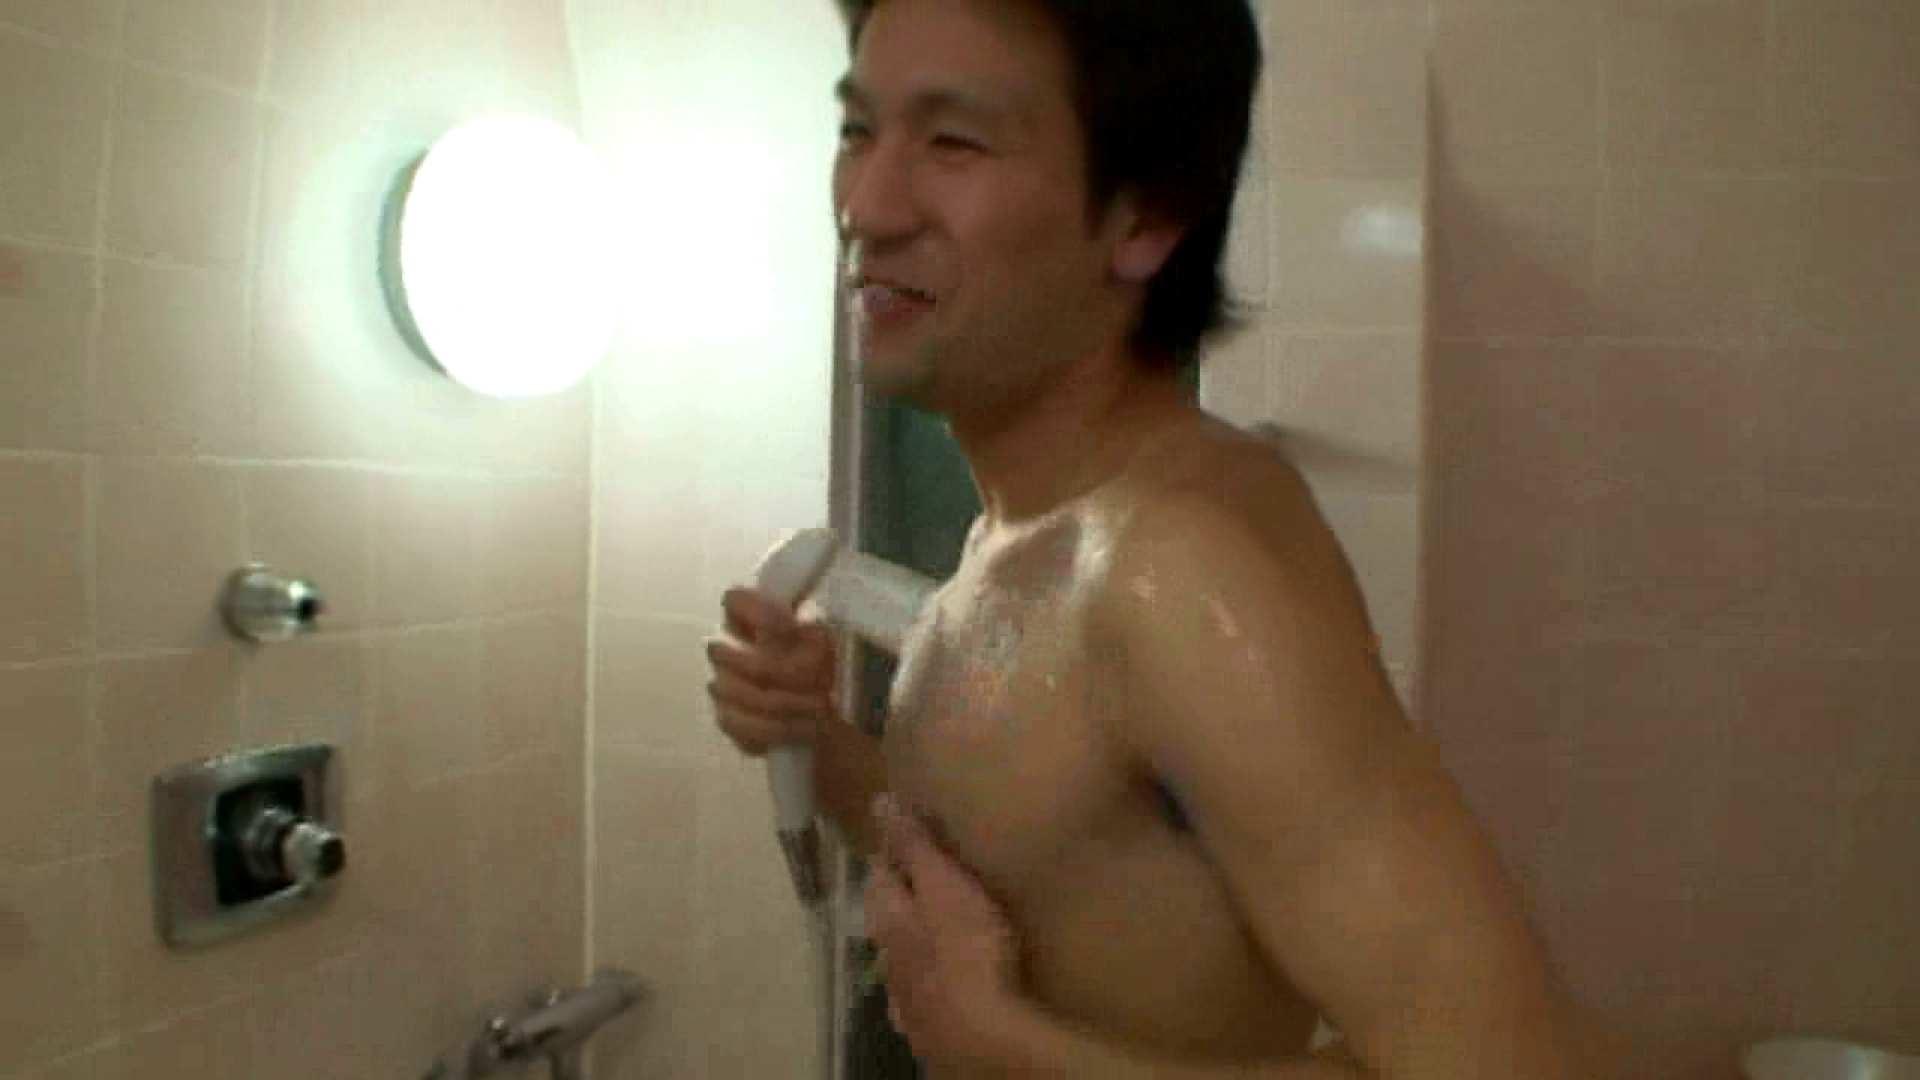 ノンケ!自慰スタジオ No.22 いやらしいノンケ ゲイ流出動画キャプチャ 10枚 8